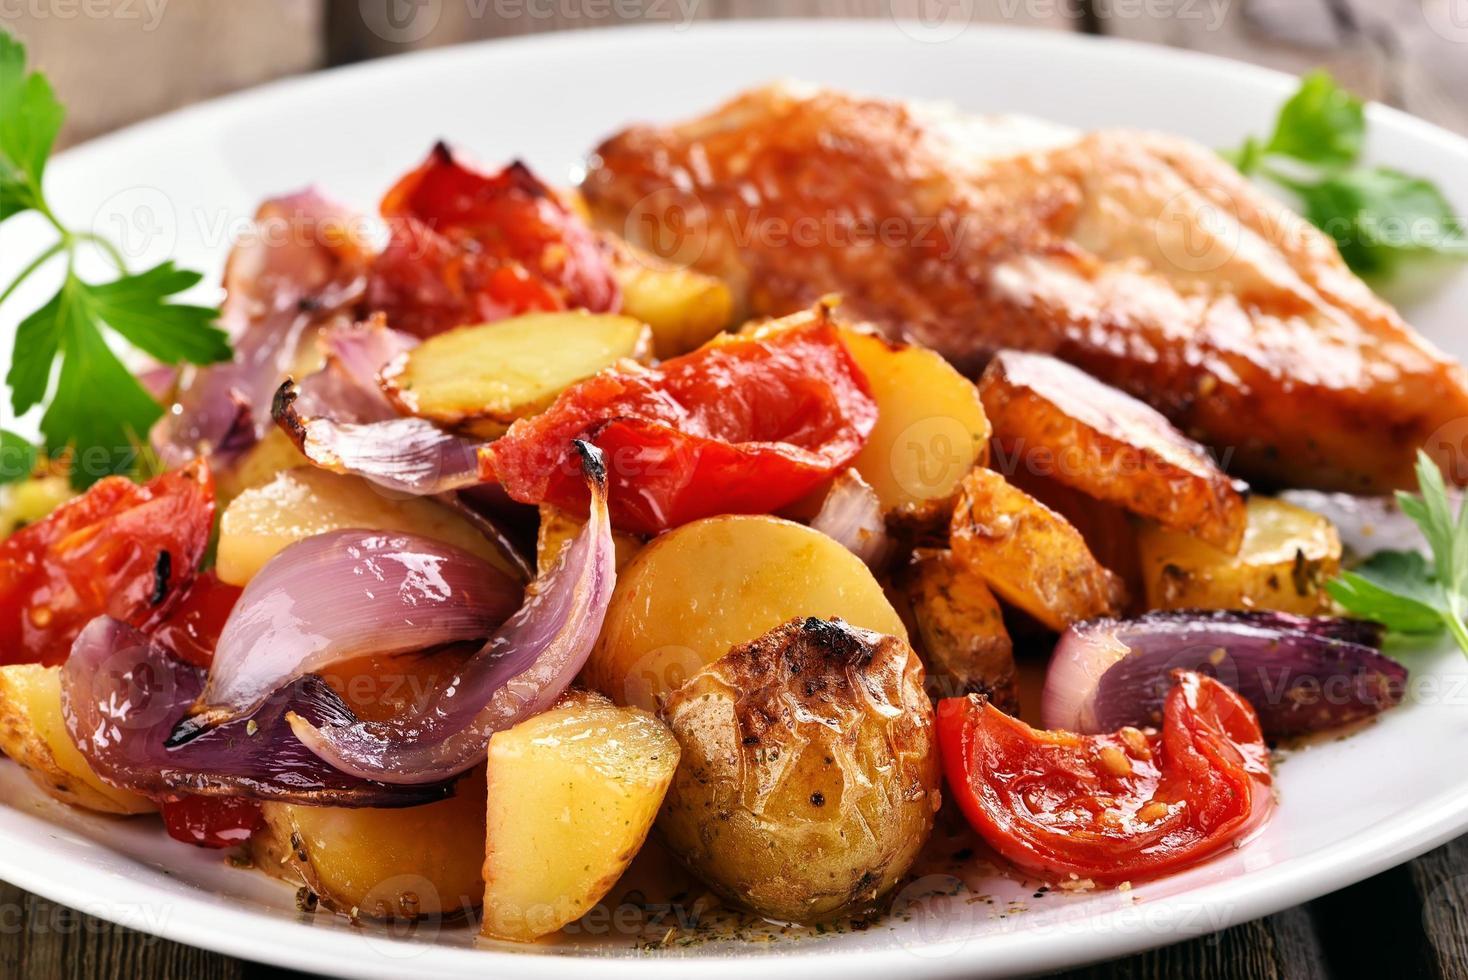 verduras asadas con carne de pollo foto